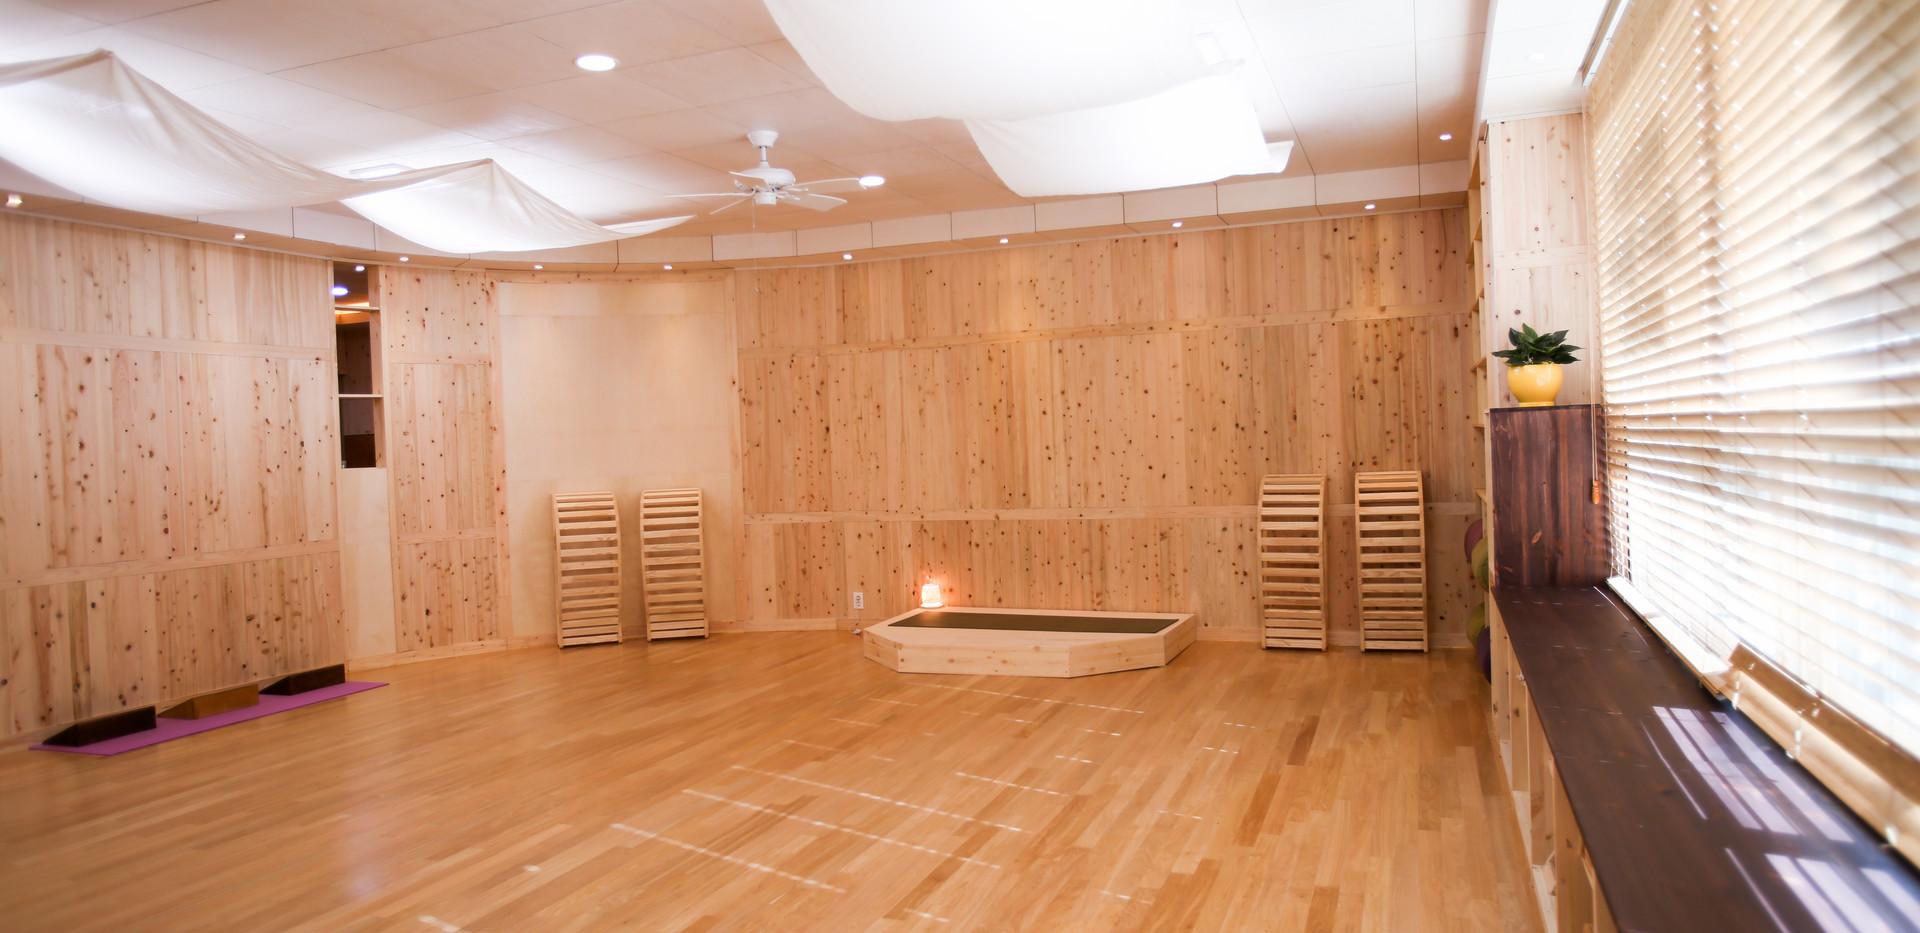 바닥까지 보일러로 따뜻한 수련실